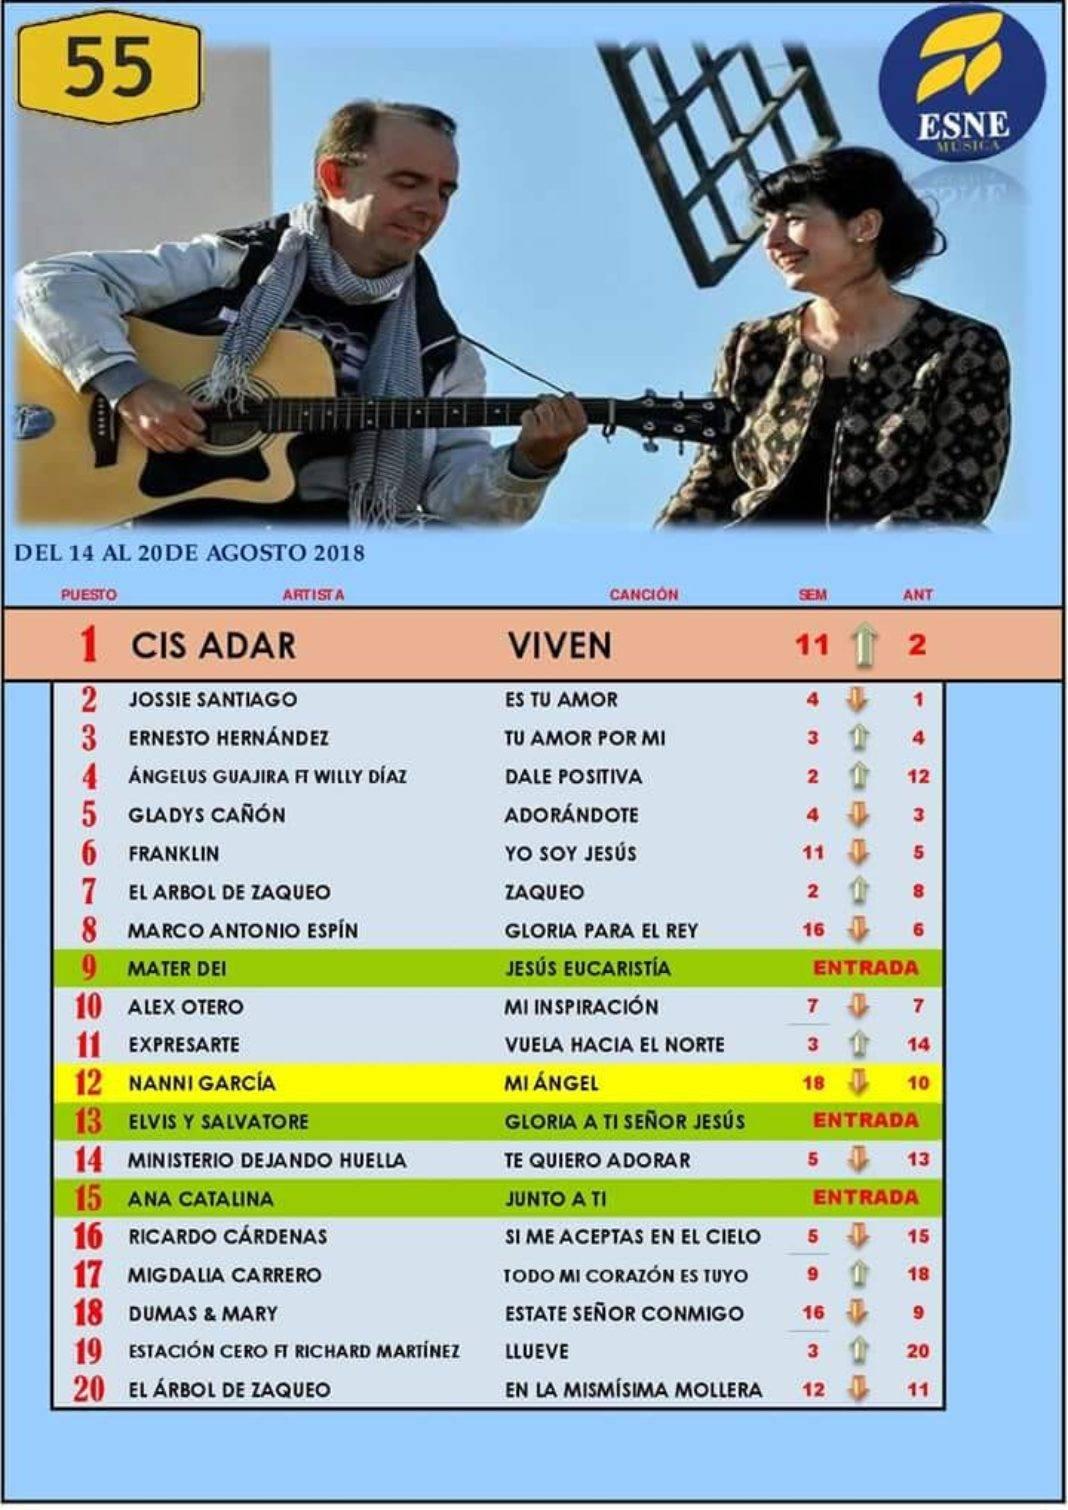 cis adar 1068x1510 - Cis Adar alcanza el número uno de la lista de vídeos católicos de ENSE RADIO